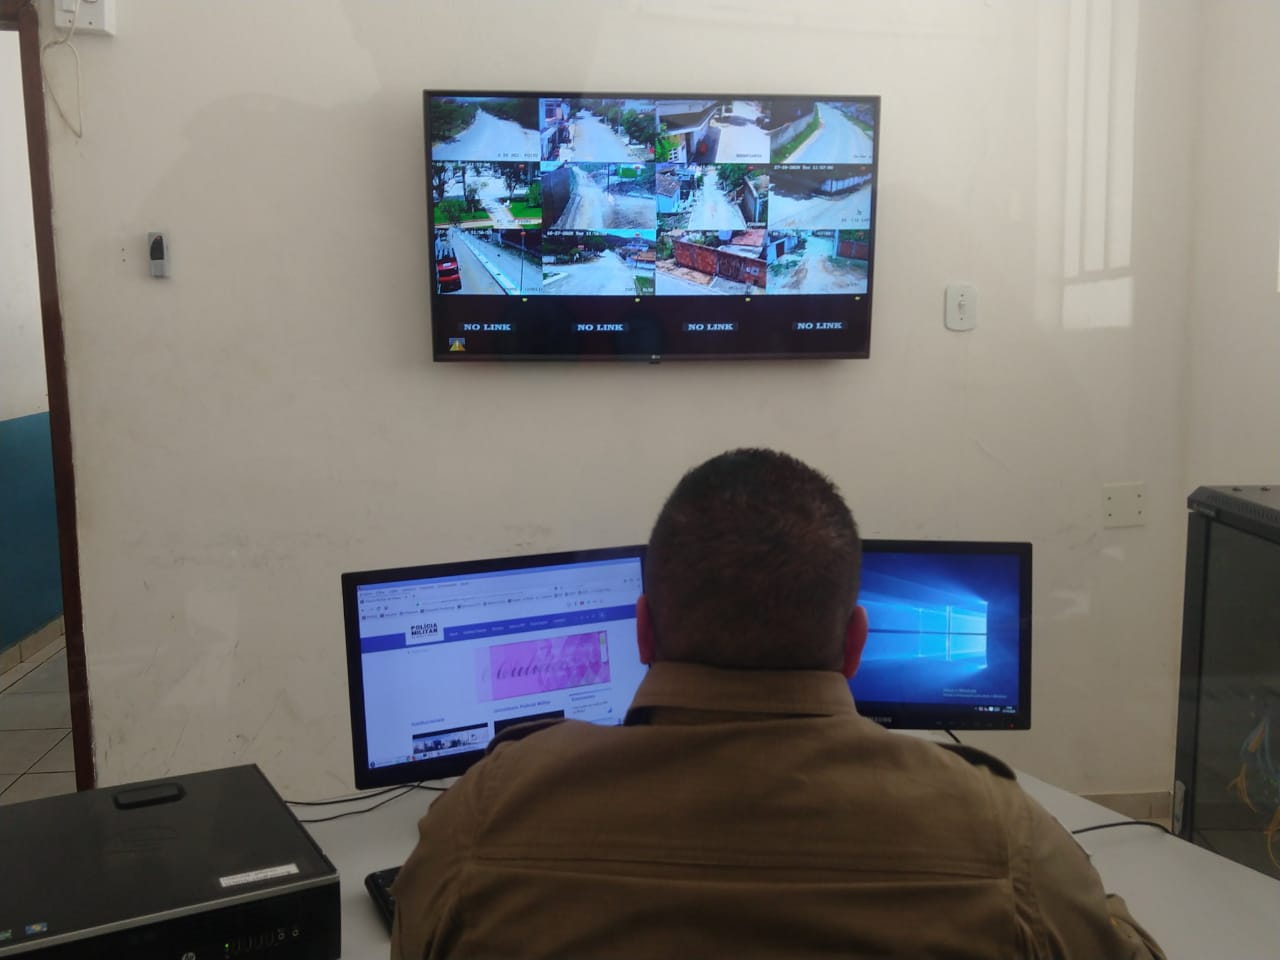 POLICIA MILITAR E CONSELHO DE SEGURANÇA PUBLICA DE GALILEIA AMPLIA SISTEMA OLHO VIVO PARA 12 CAMERAS DE VIDEOMONITORAMENTO